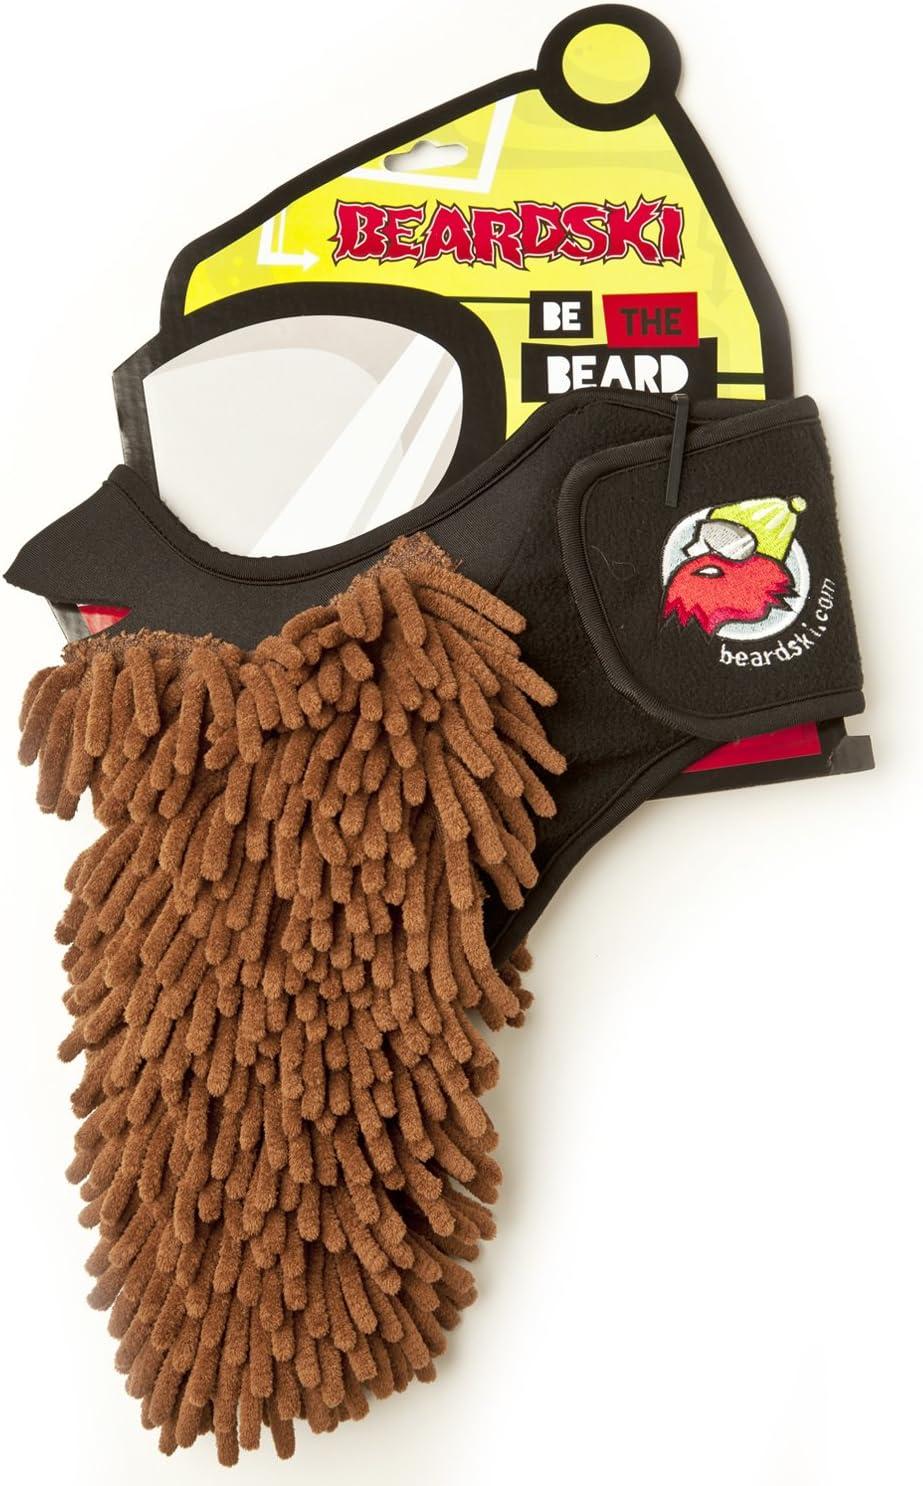 nWear Beardski Mocha Rasta Máscara de esquí, máscara de Snowboard. Protección de la Cara, Barba Falsa, pasamontañas